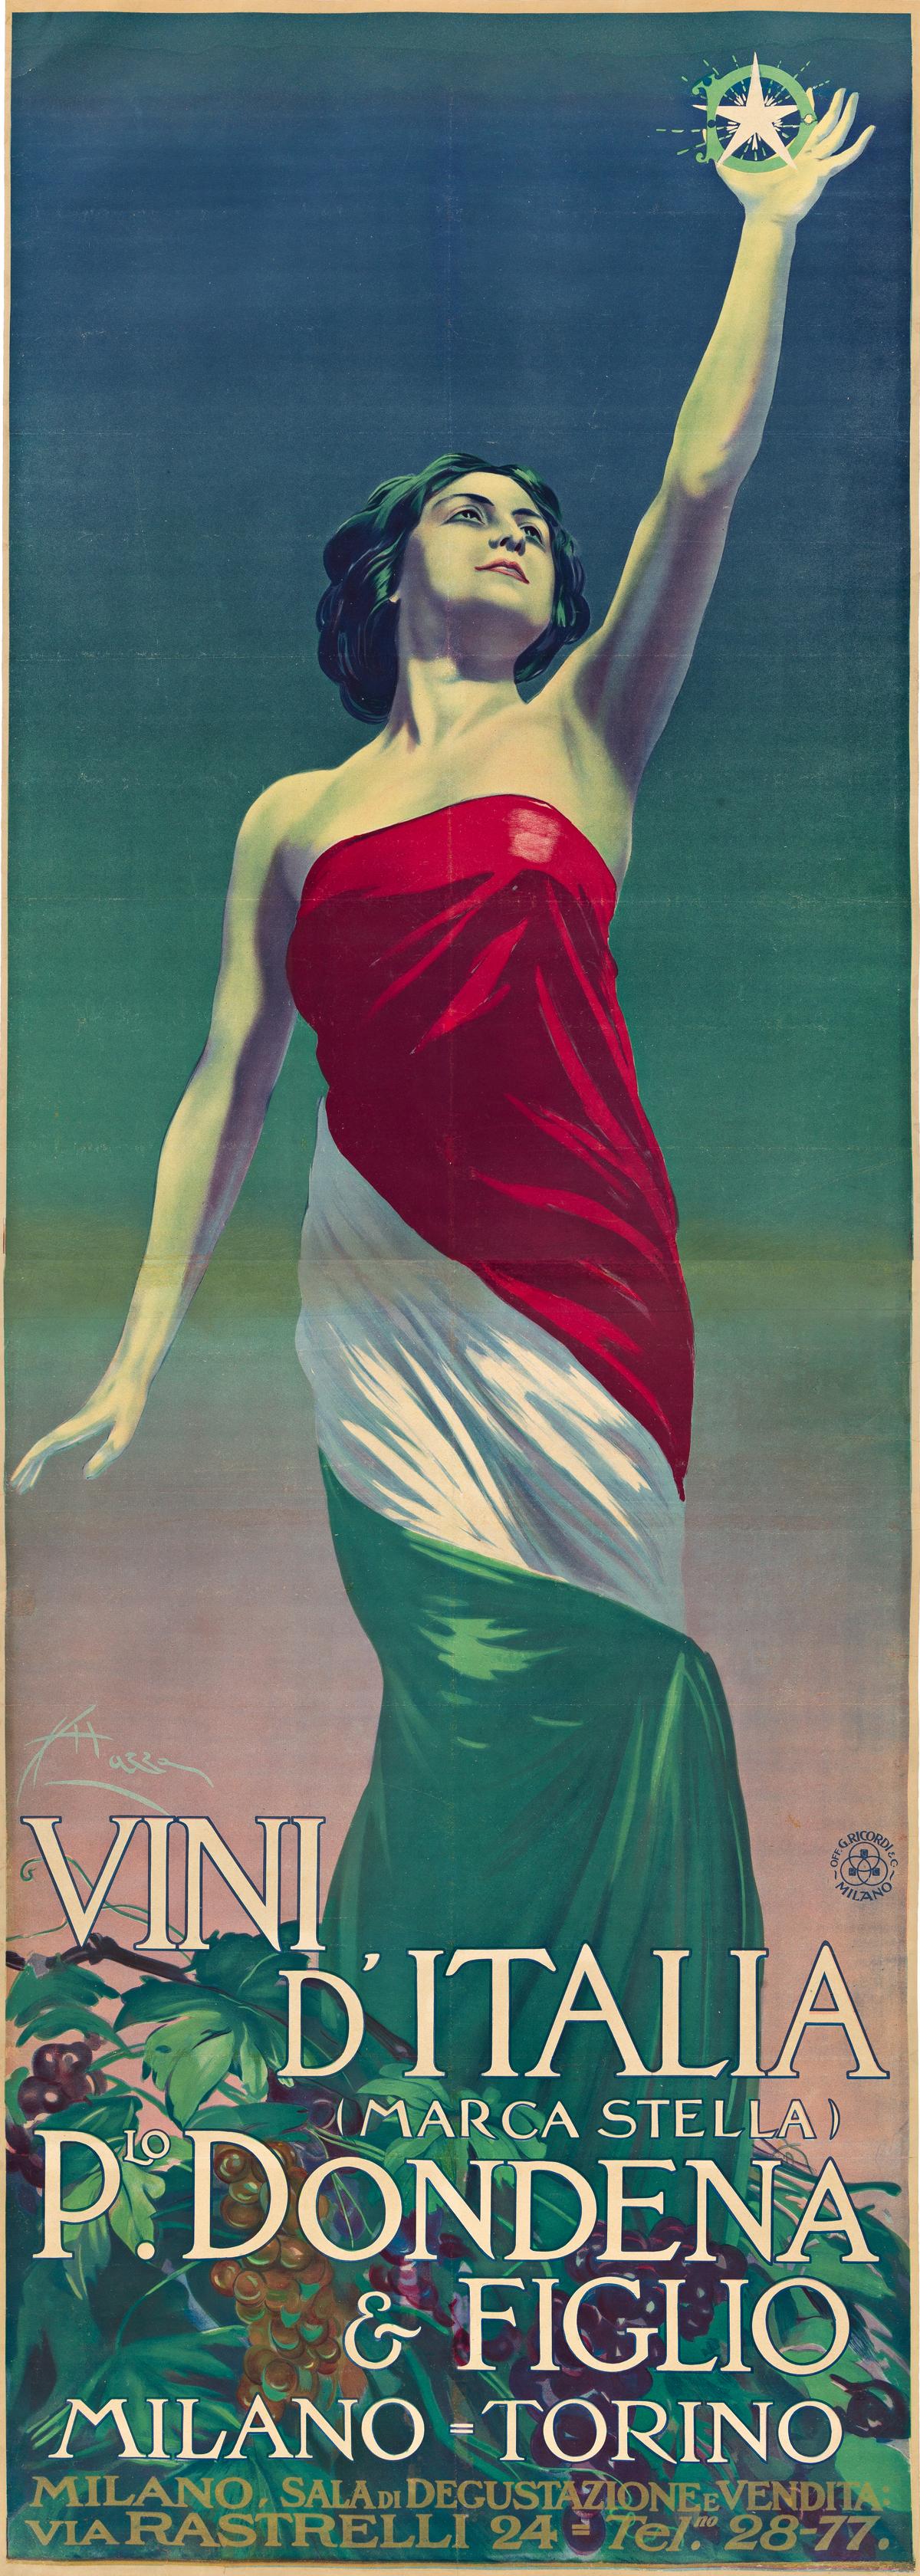 ALDO MAZZA (1880-1964).  VINI DITALIA / PLO. DONDENA & FIGLIO. Circa 1920. 78x28 inches, 198x71 cm. G. Ricordi & C., Milan.